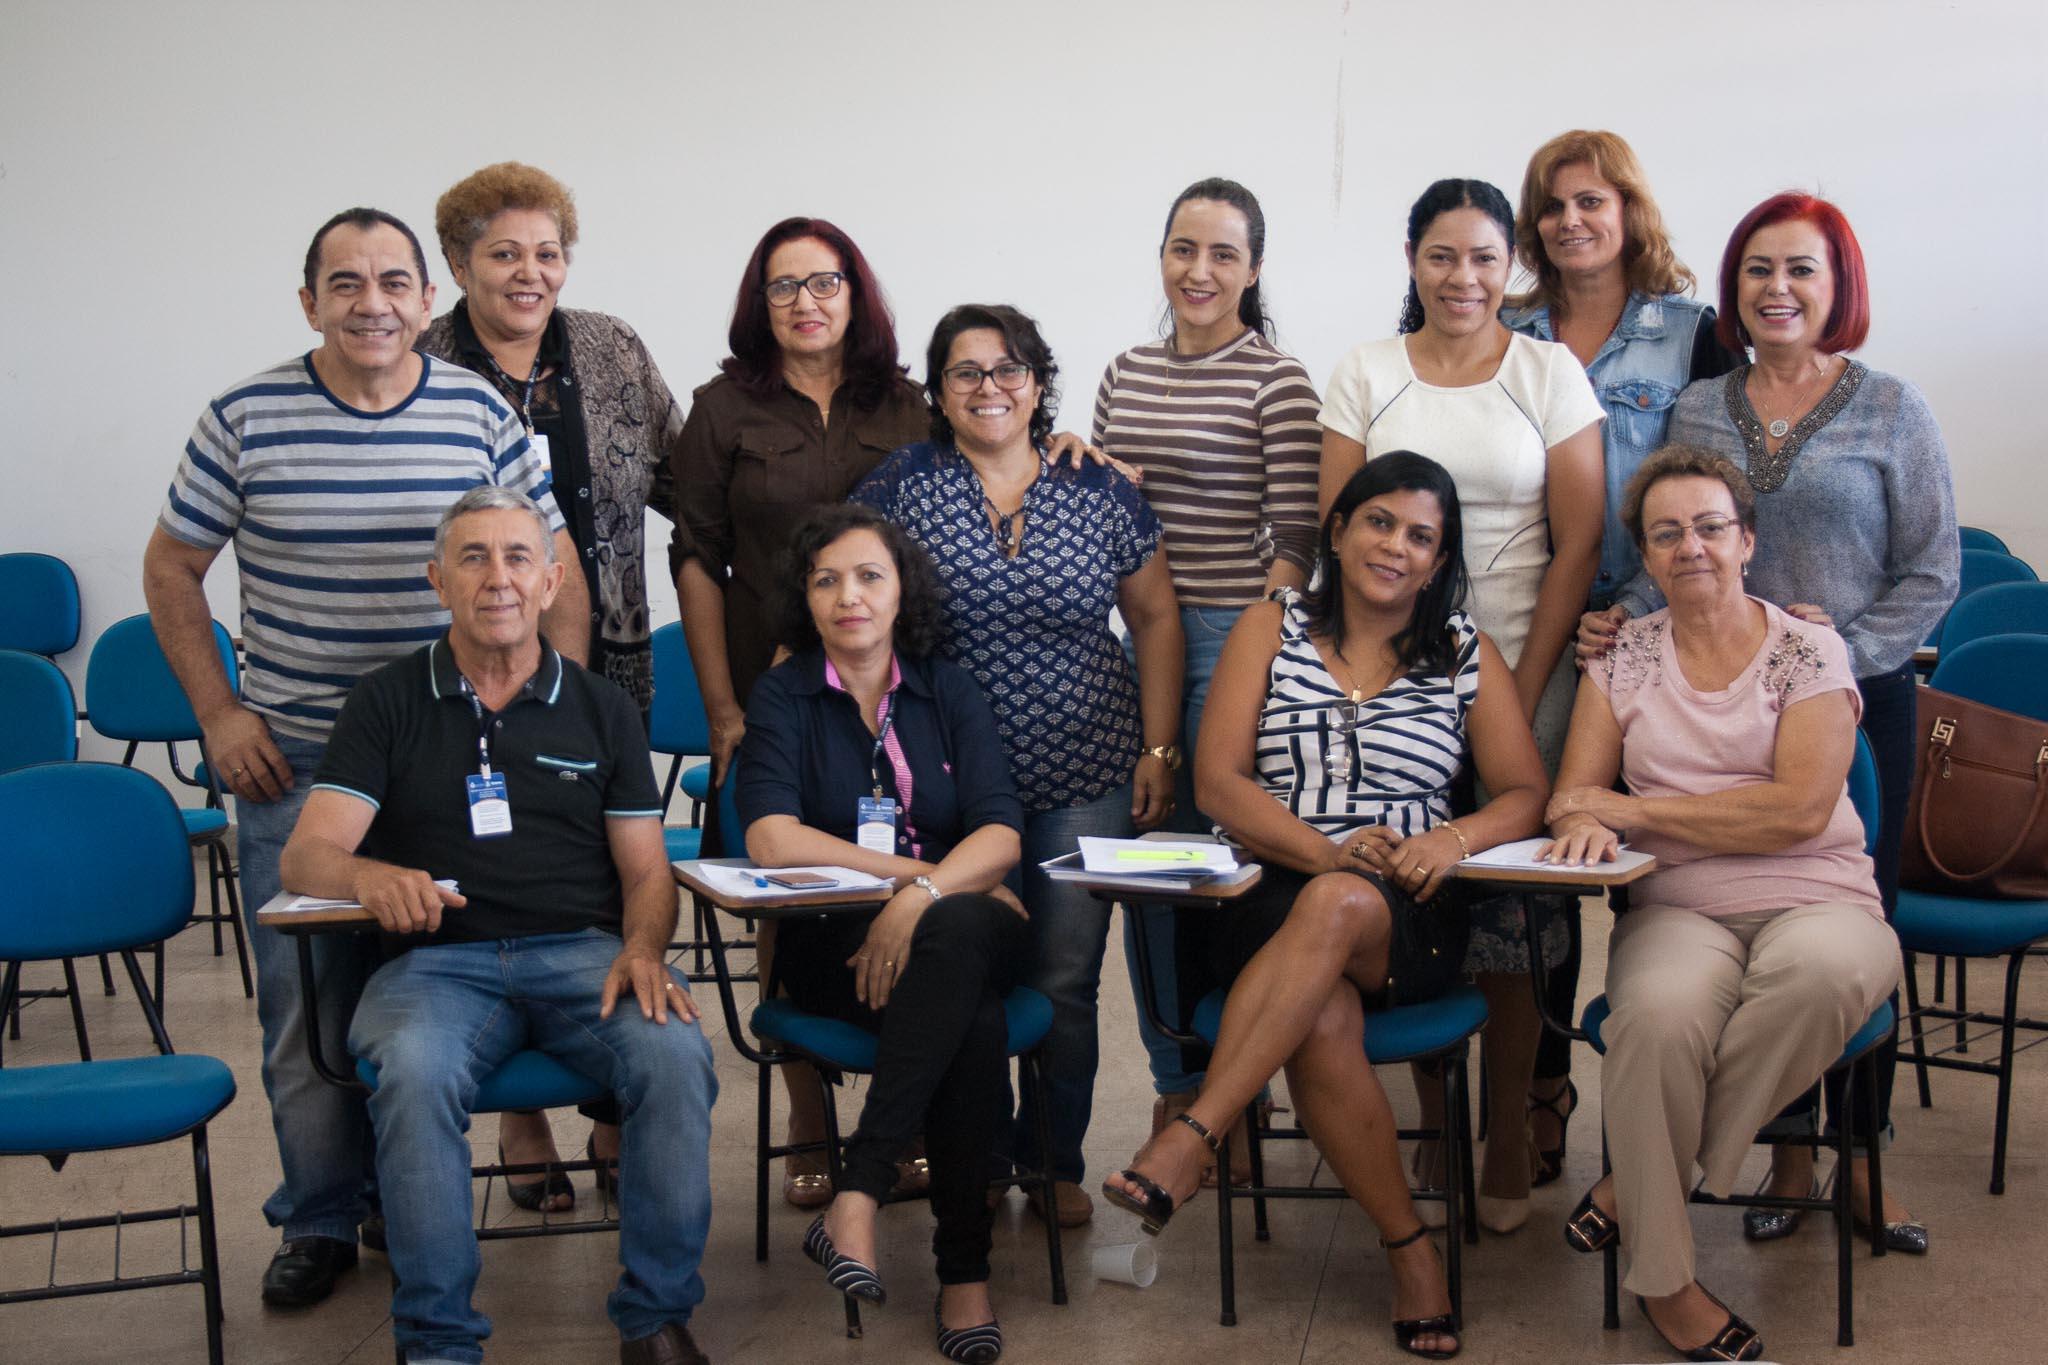 Professora Beth e participantes do encontro de capacitação que contou com assessores pedagógicos